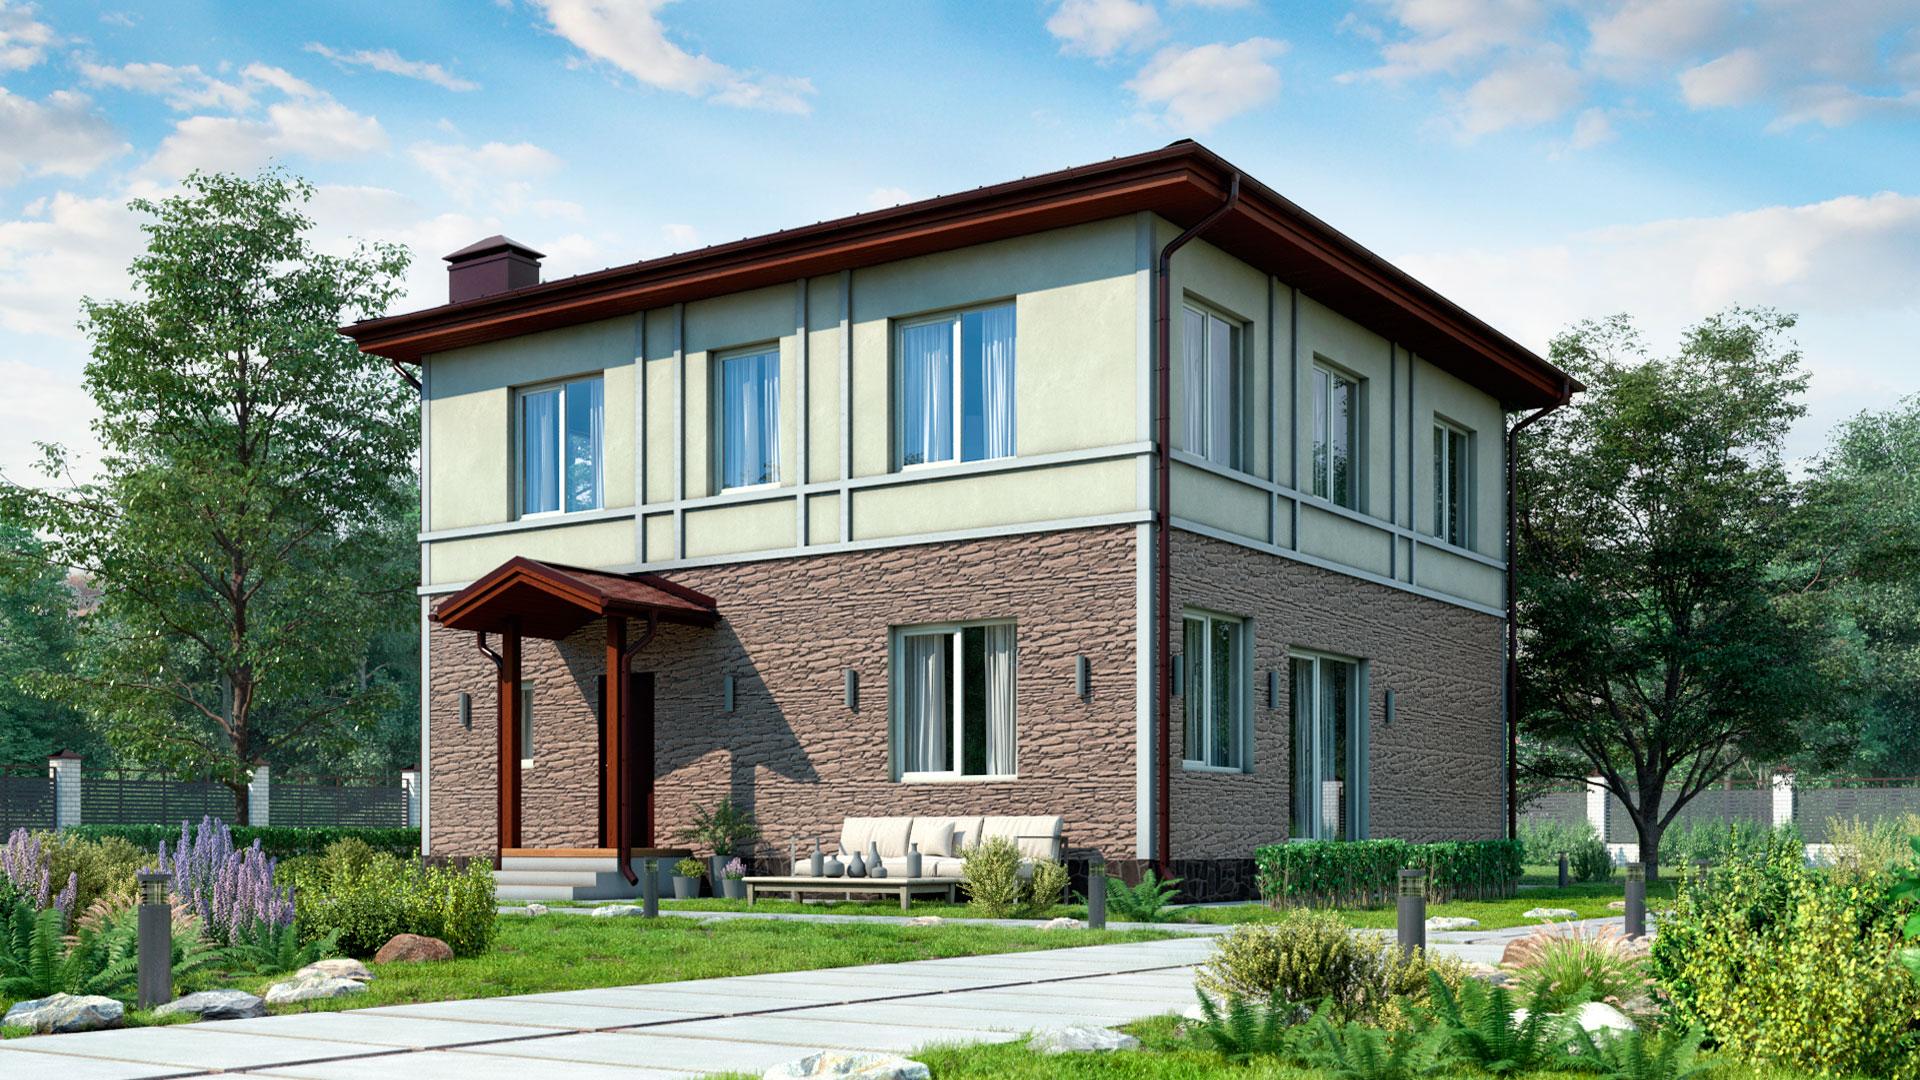 Передний фасад дома 10х10 м. двухэтажного 183,40 м2 проект БП-186.